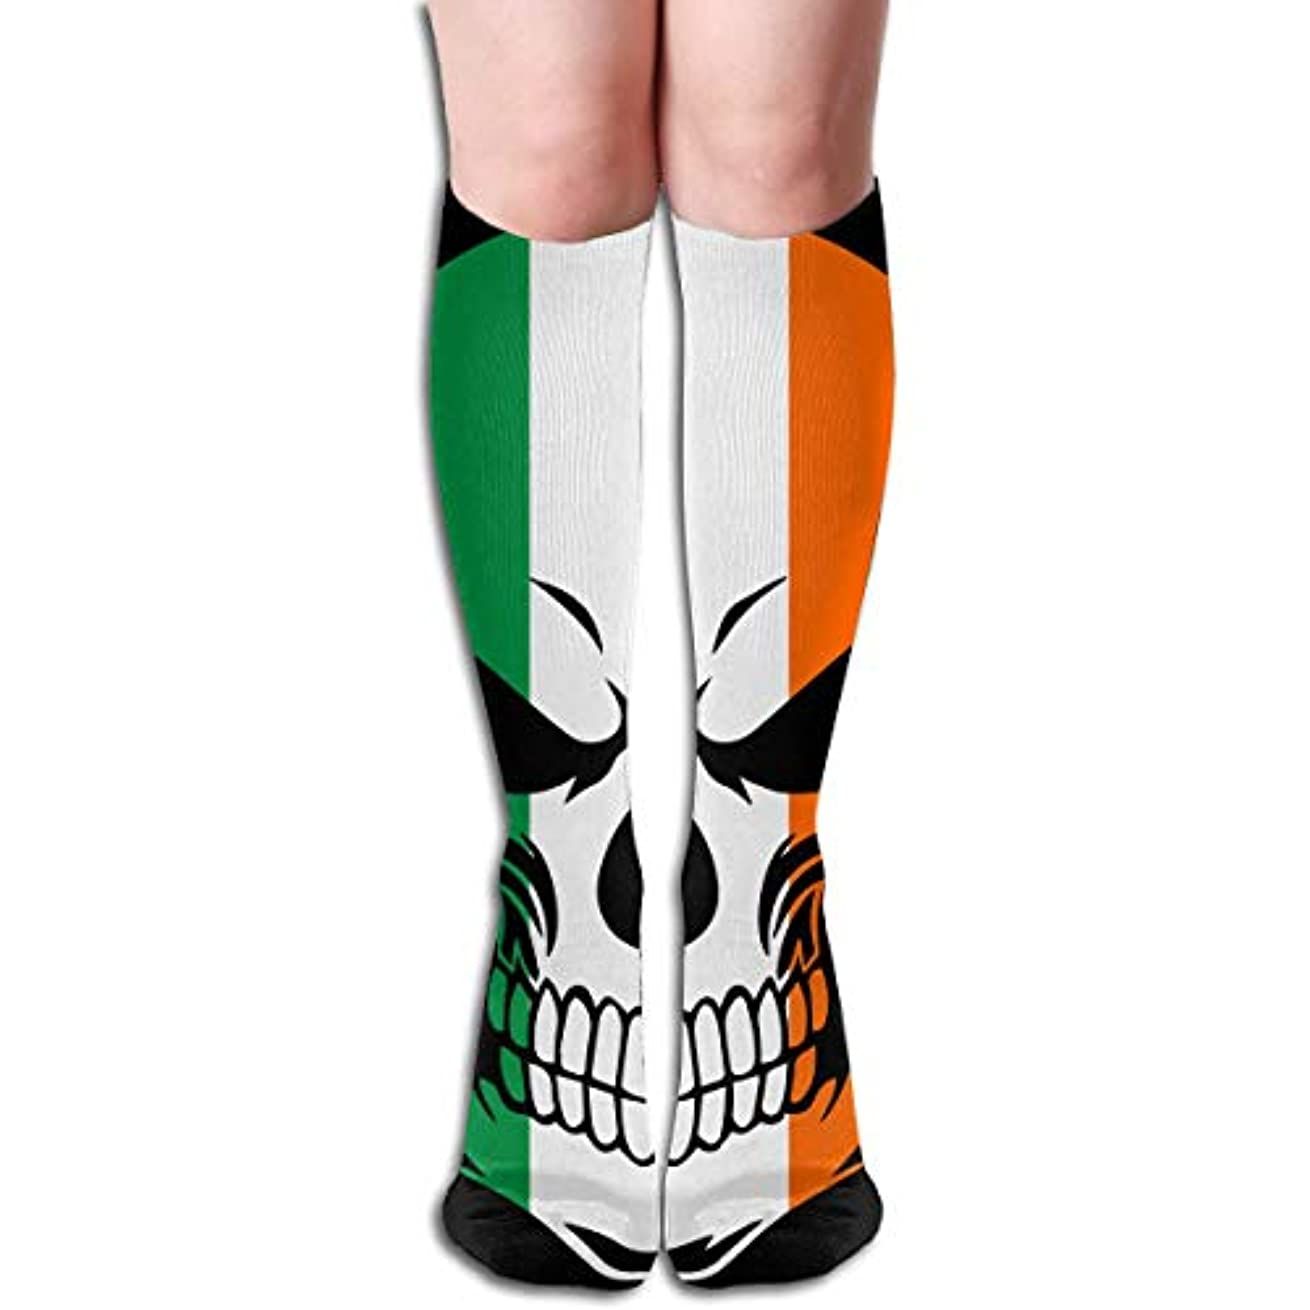 意識的古代脚本クルーザーユニセックスカラフルドレスソックス、アイルランドアイルランド国旗クール頭蓋骨、冬ソフトコージー暖かい靴下かわいい面白いクルーコットンソックス1パック